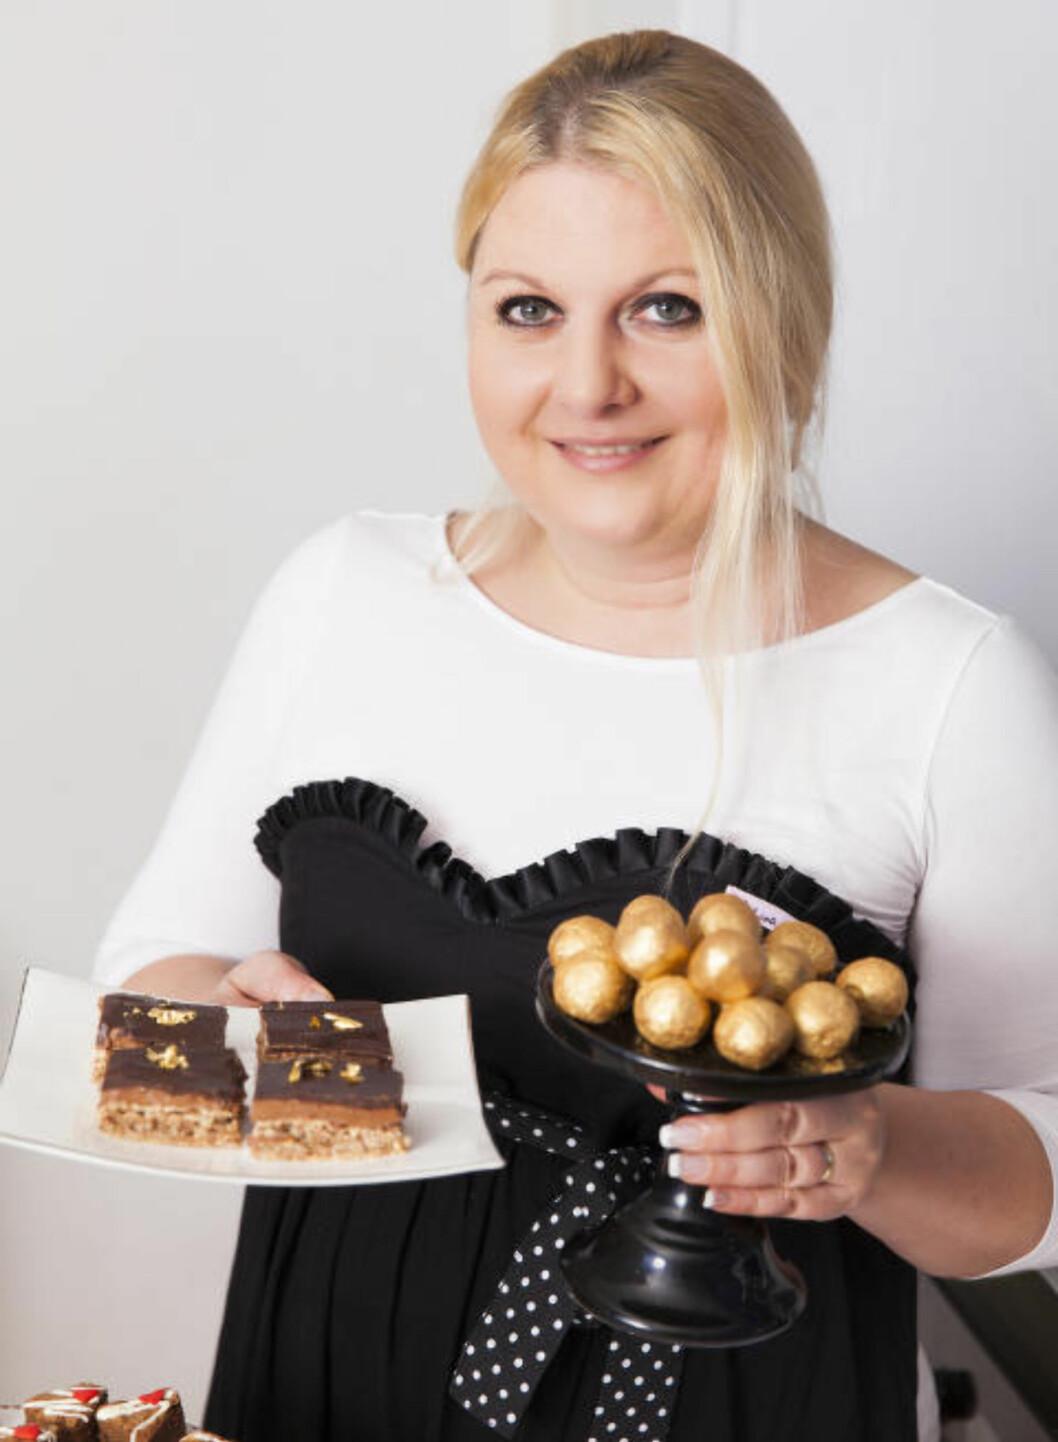 <strong>JULEBAKST FOR VOKSNE:</strong> Kristine Ilstad har laget julekaker med Baileys. Foto: LISA BJØRSHEIM